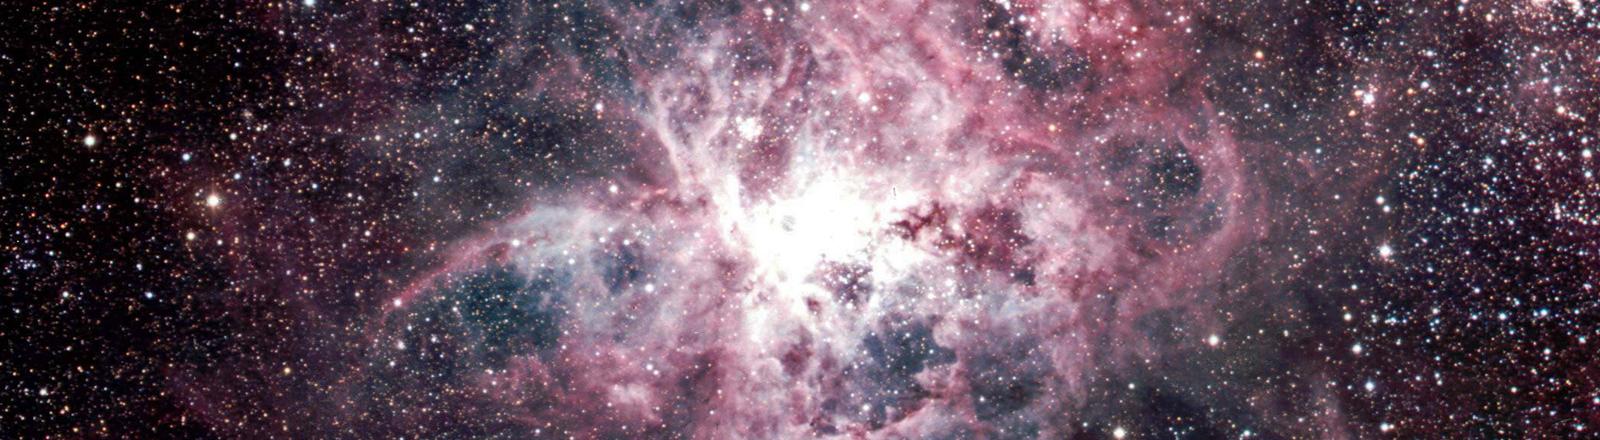 Sternhaufen in Weiß- und Rosatönen; Bild: dpa